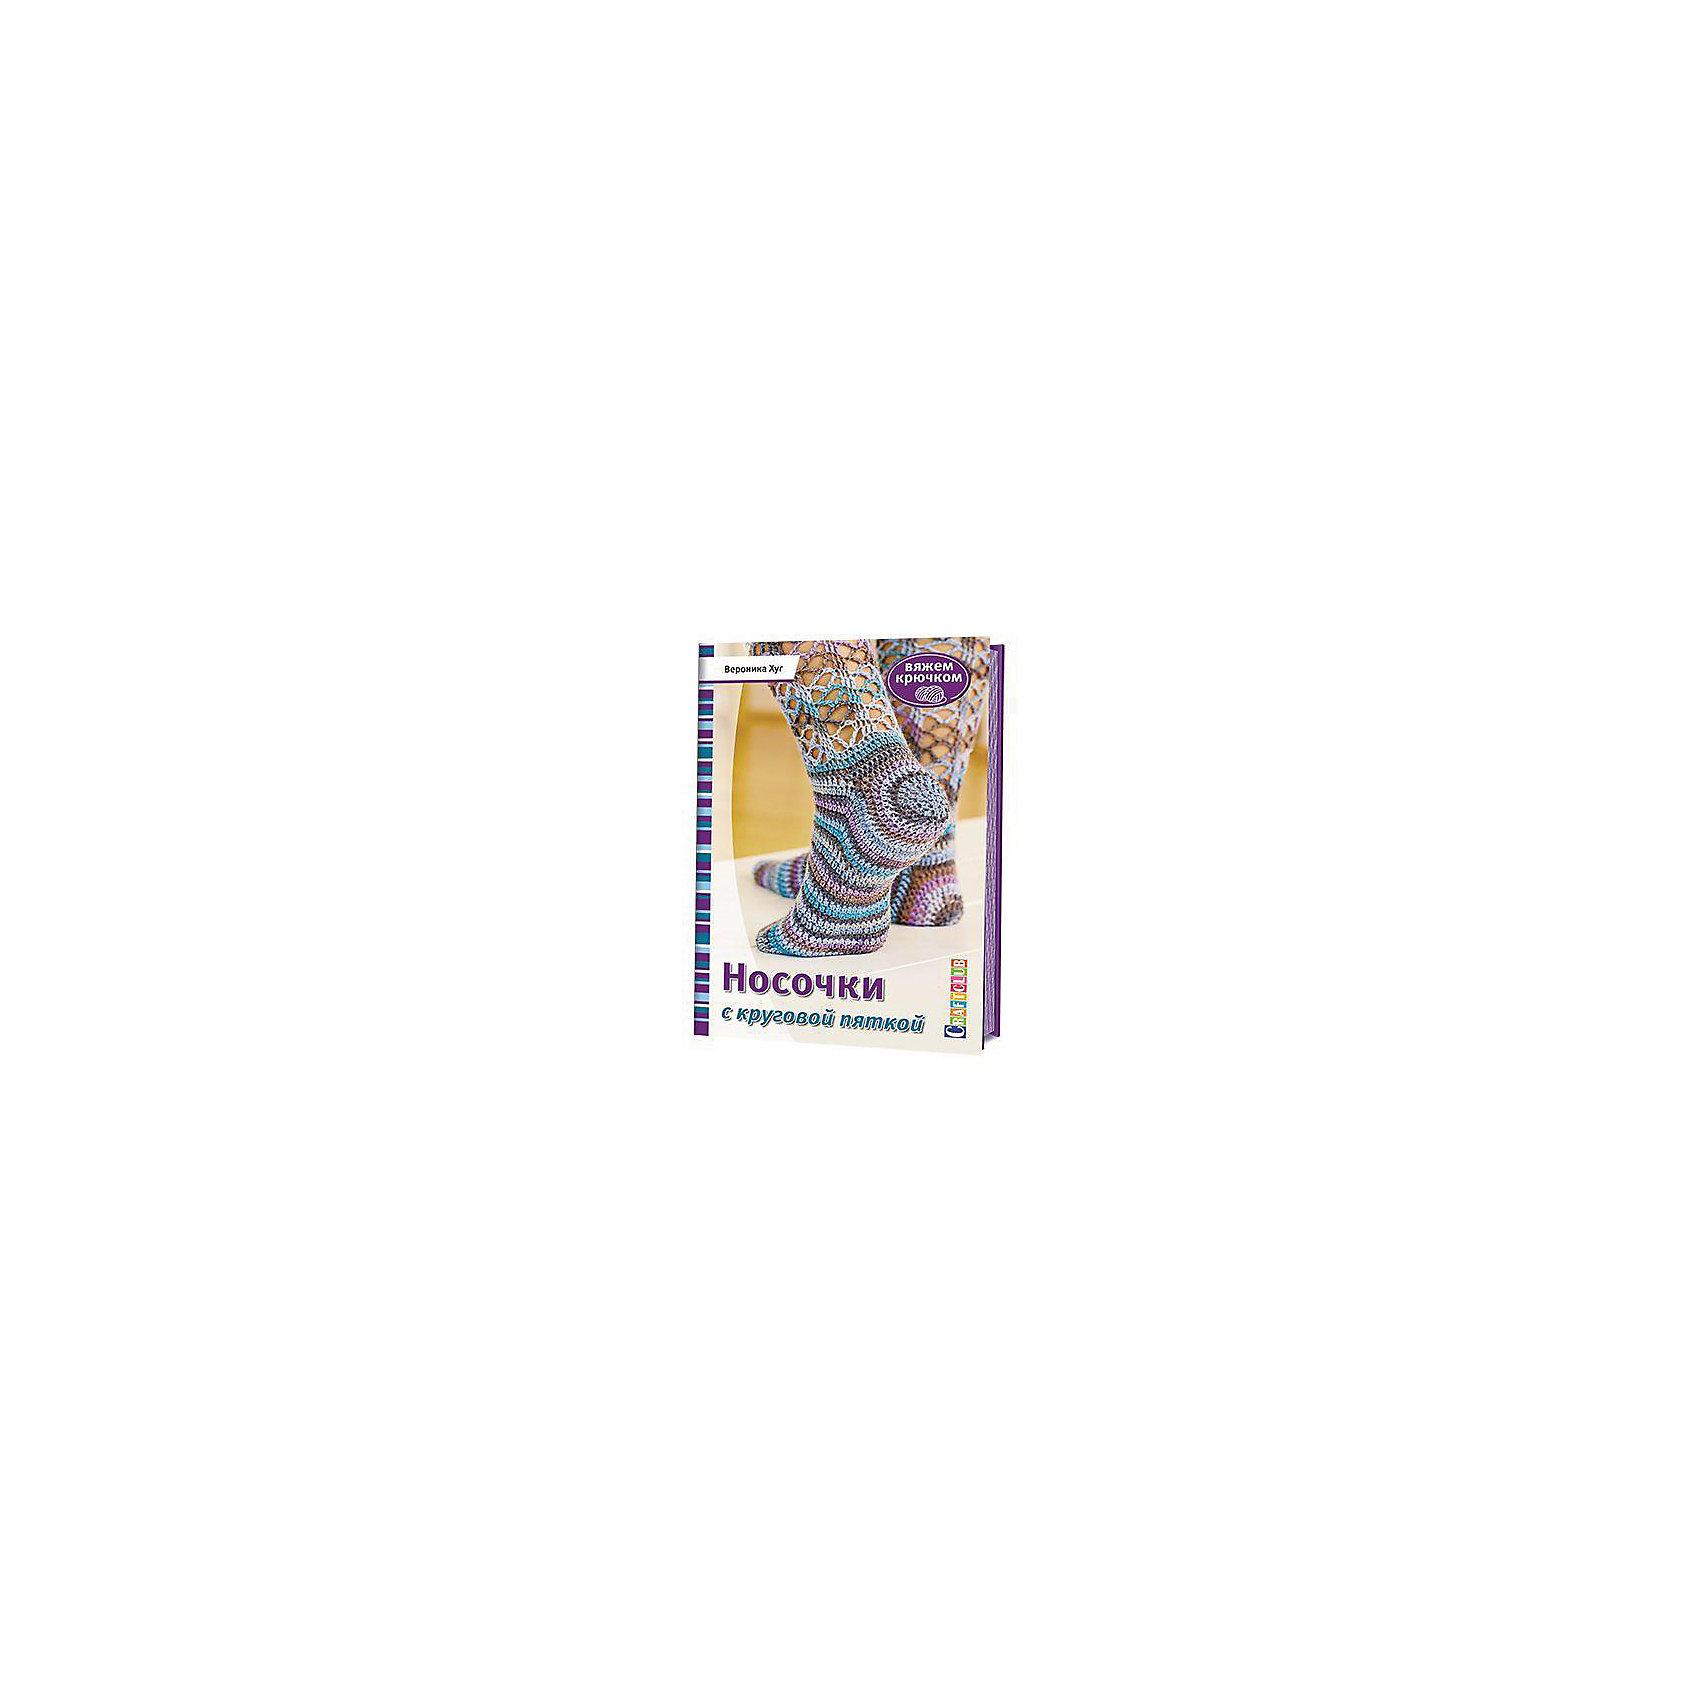 Издательство Контэнт Носочки с круговой пяткой.Вяжем крючком книги контэнт носочки с круговой пяткой вяжем крючком